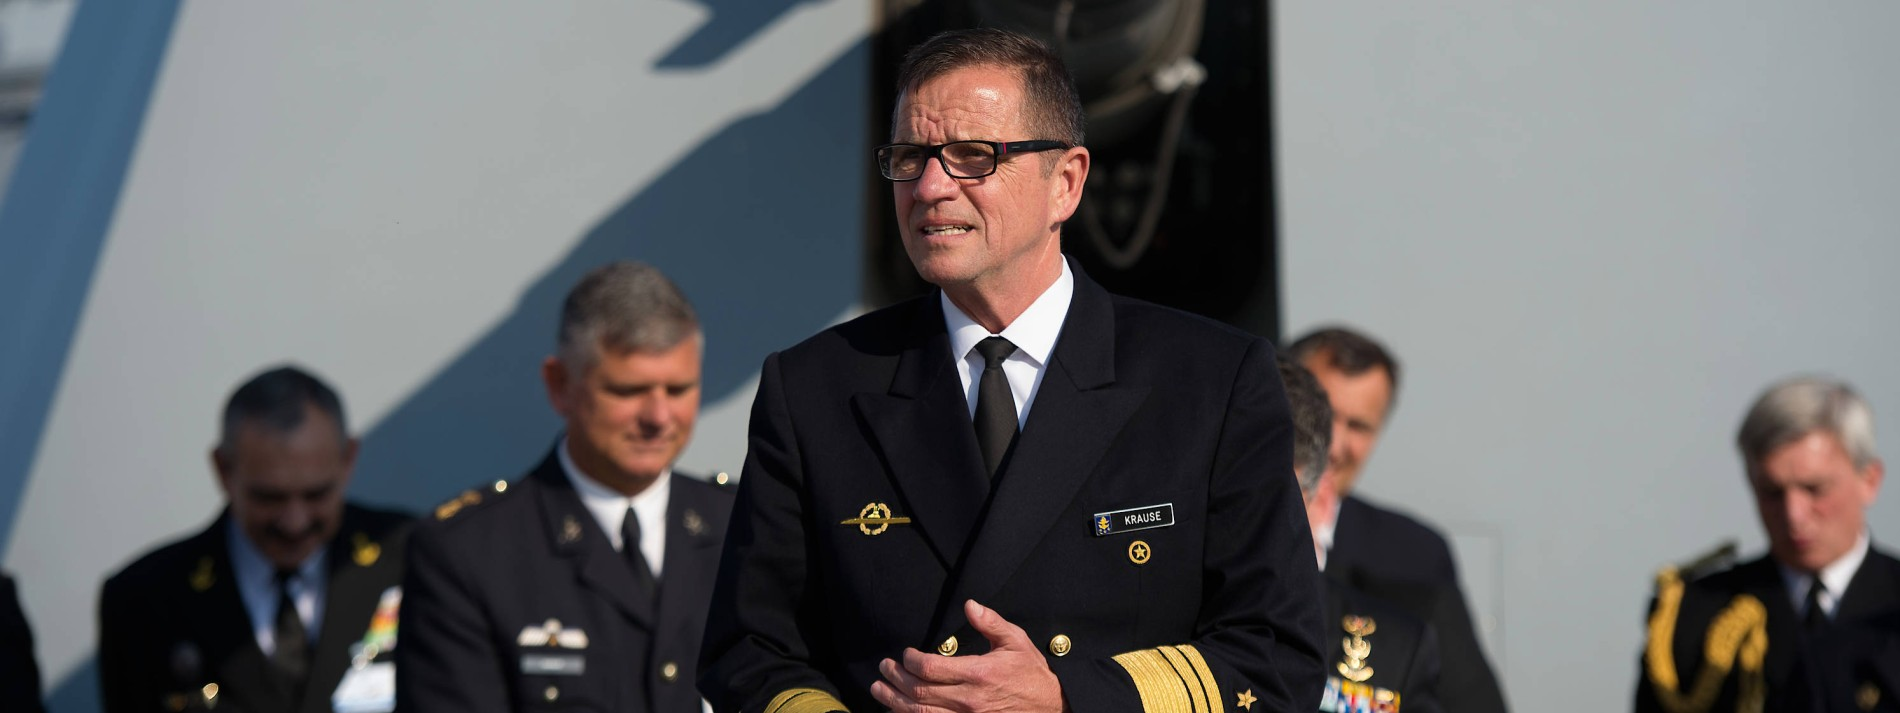 Ein Anti-Habeck in Uniform